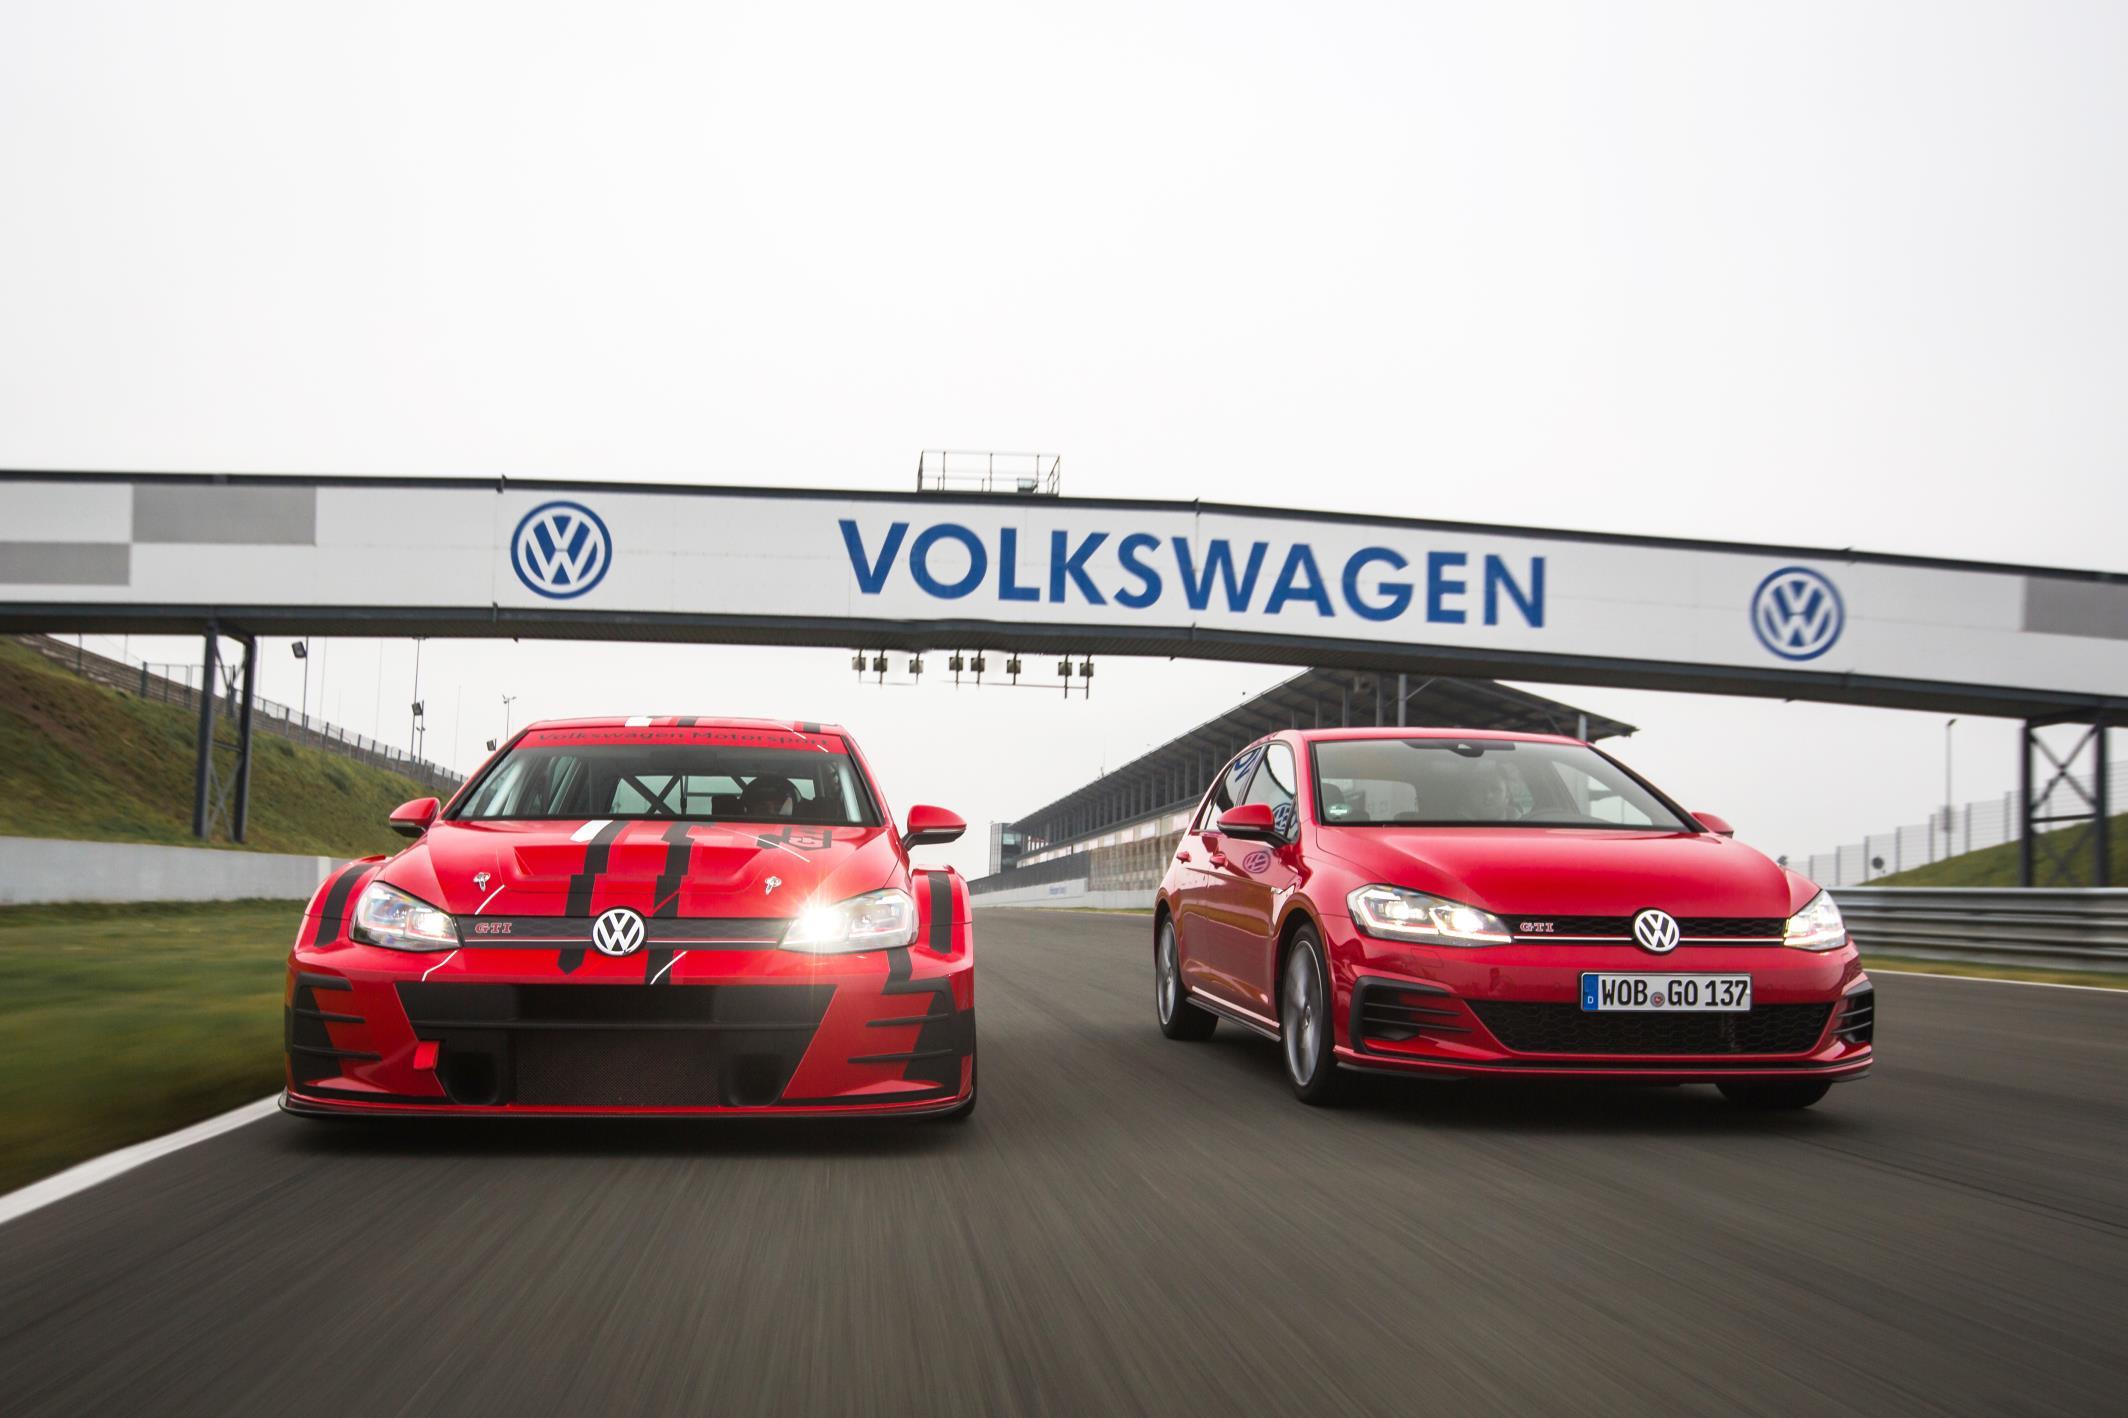 Volkswagen Golf GTI TCR, Volkswagen Golf GTI